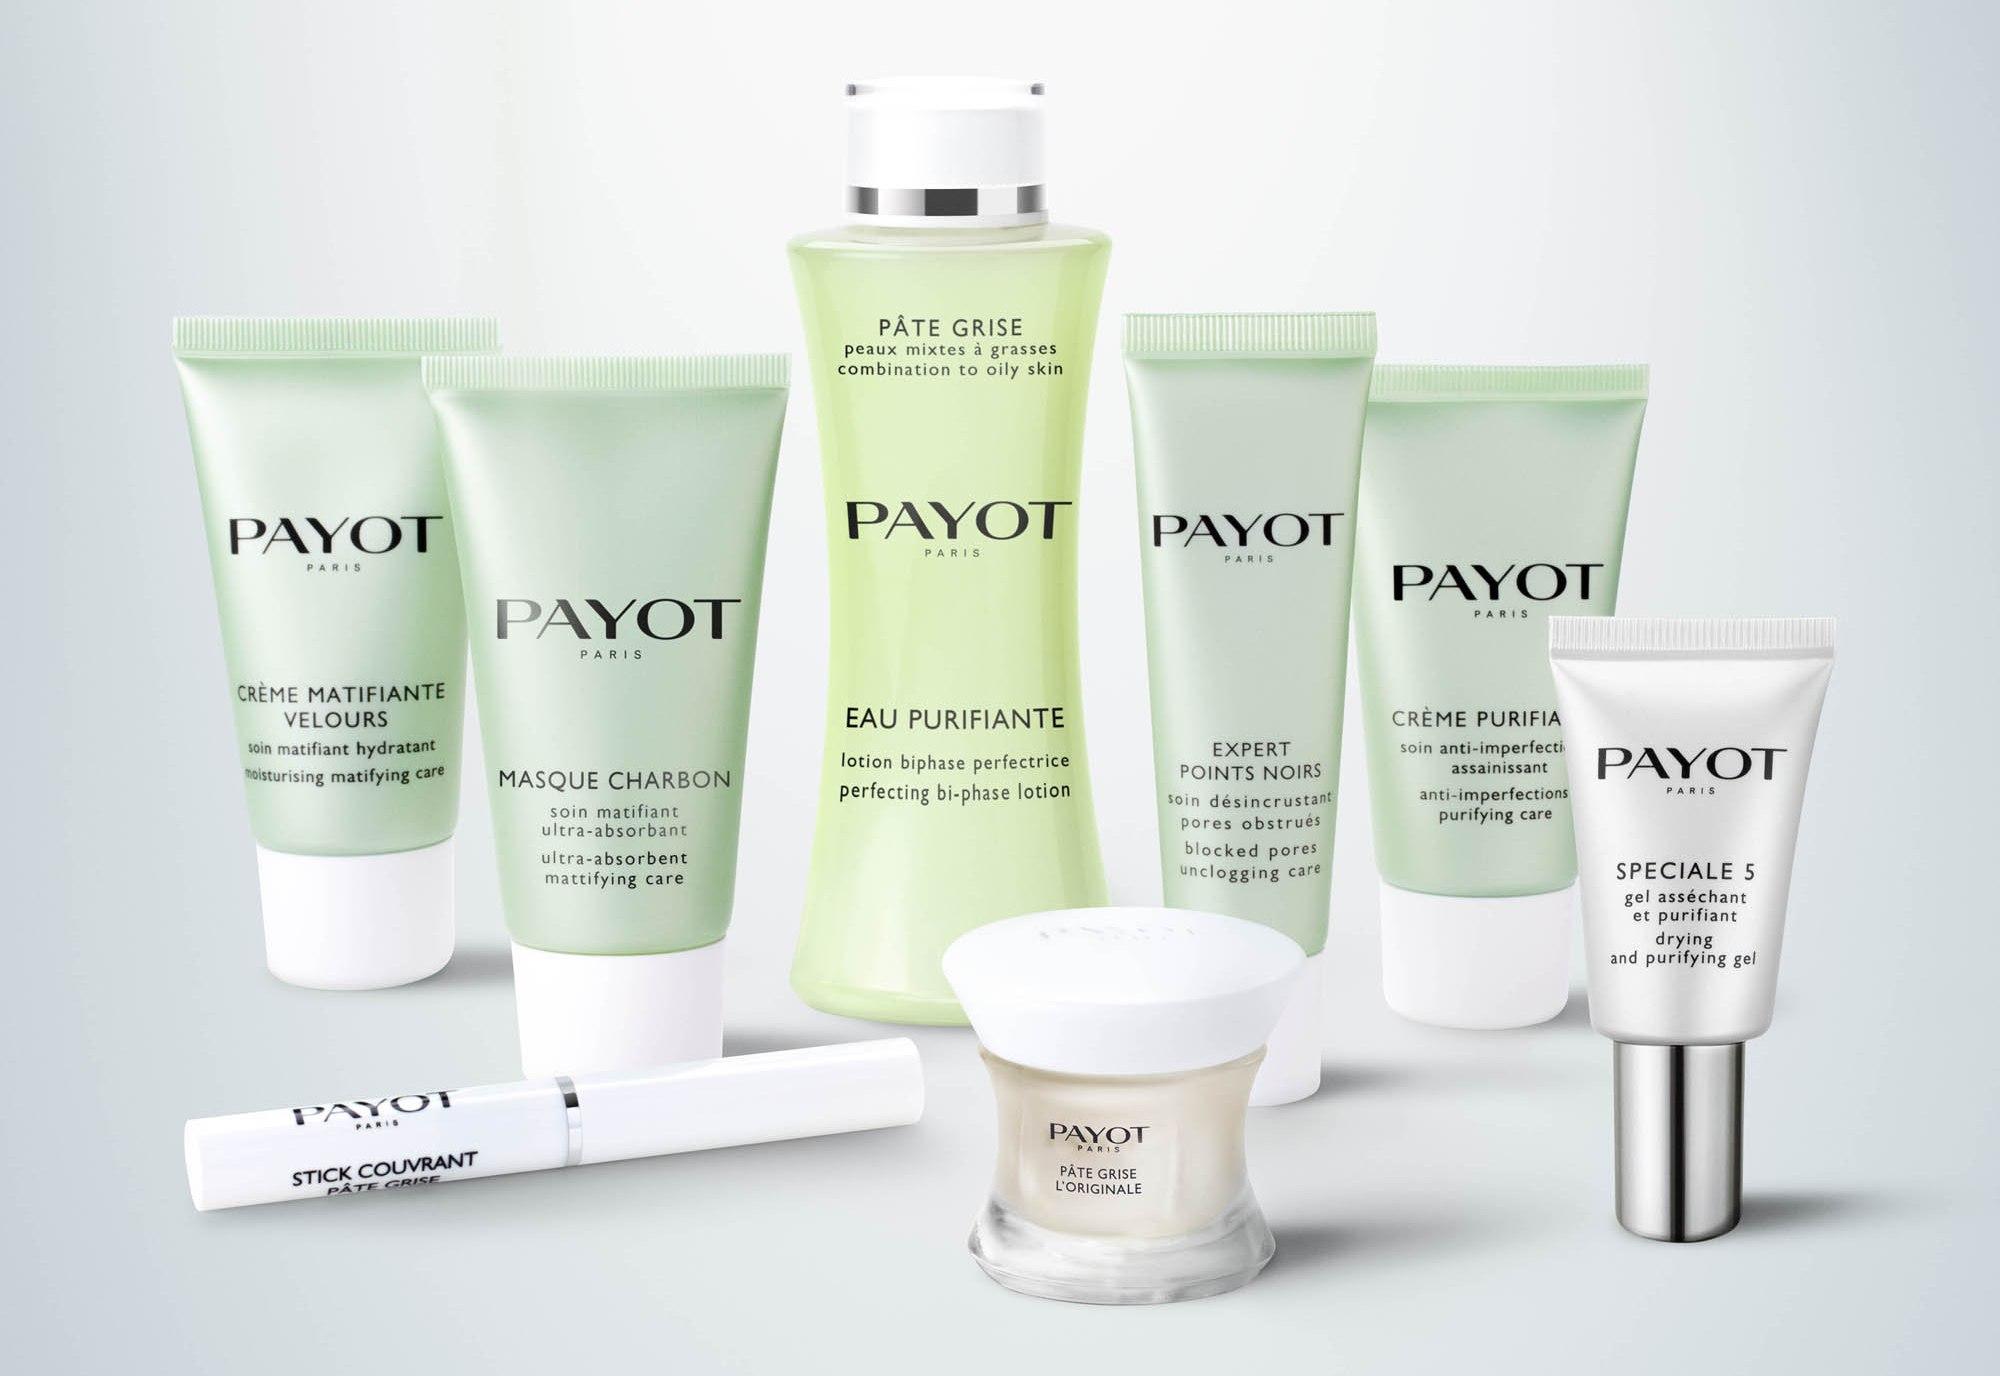 Новая линейка Pate Grise для жирной и комбинированной кожи от Payot